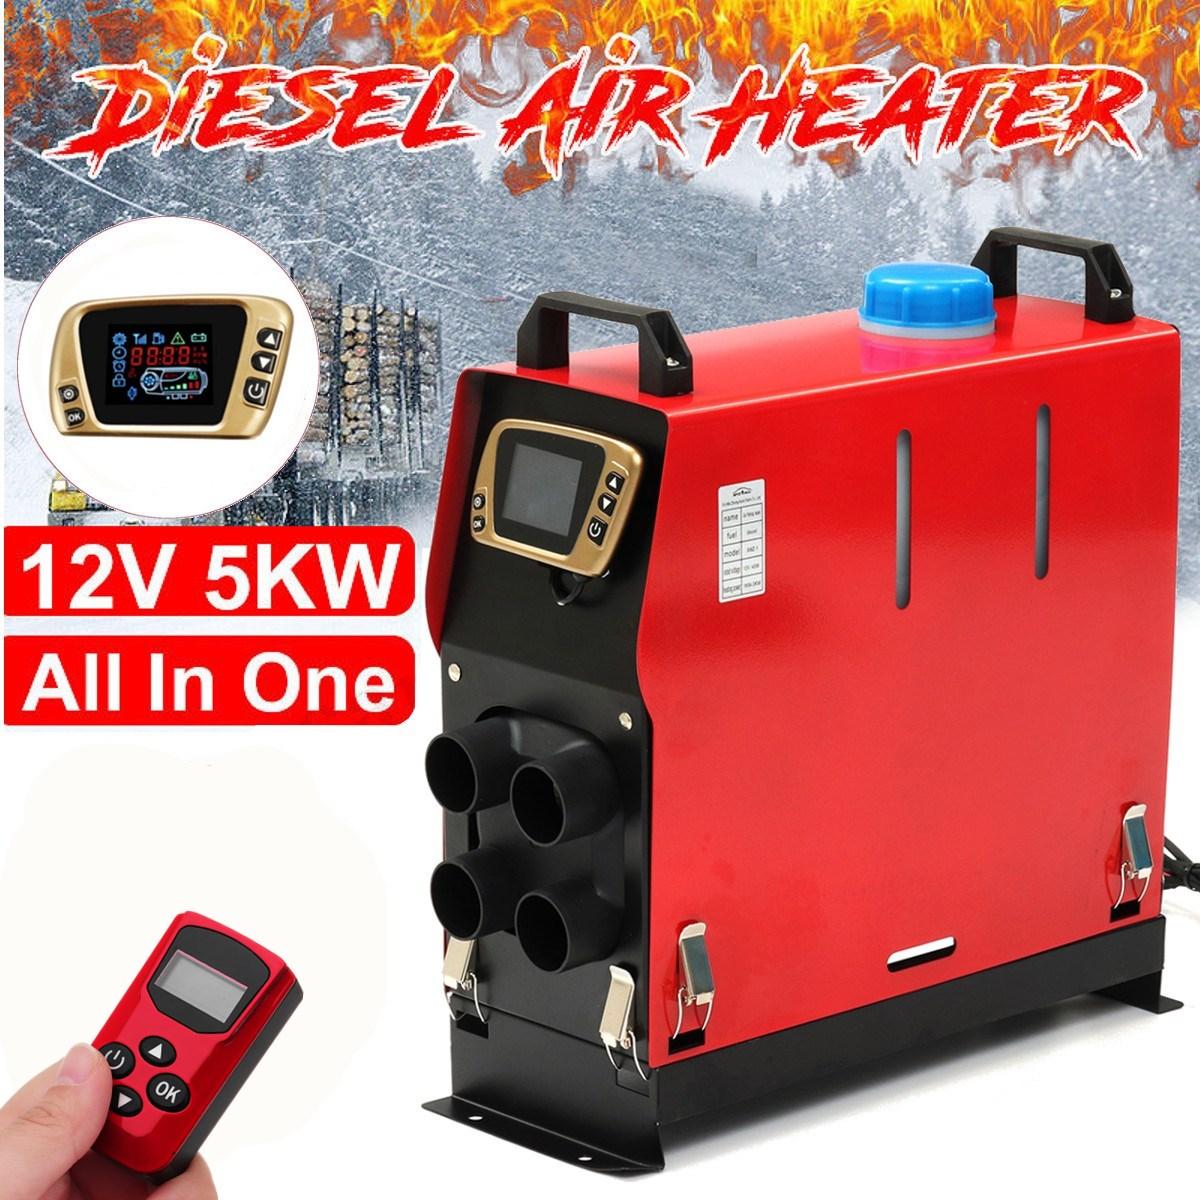 Amovible 5KW 12 V chauffage portatif Tout en Un Carburant Air Parking Warmer + D'or LCD Interrupteur + Enhlish À Distance Pour bus Camion Bateau Van